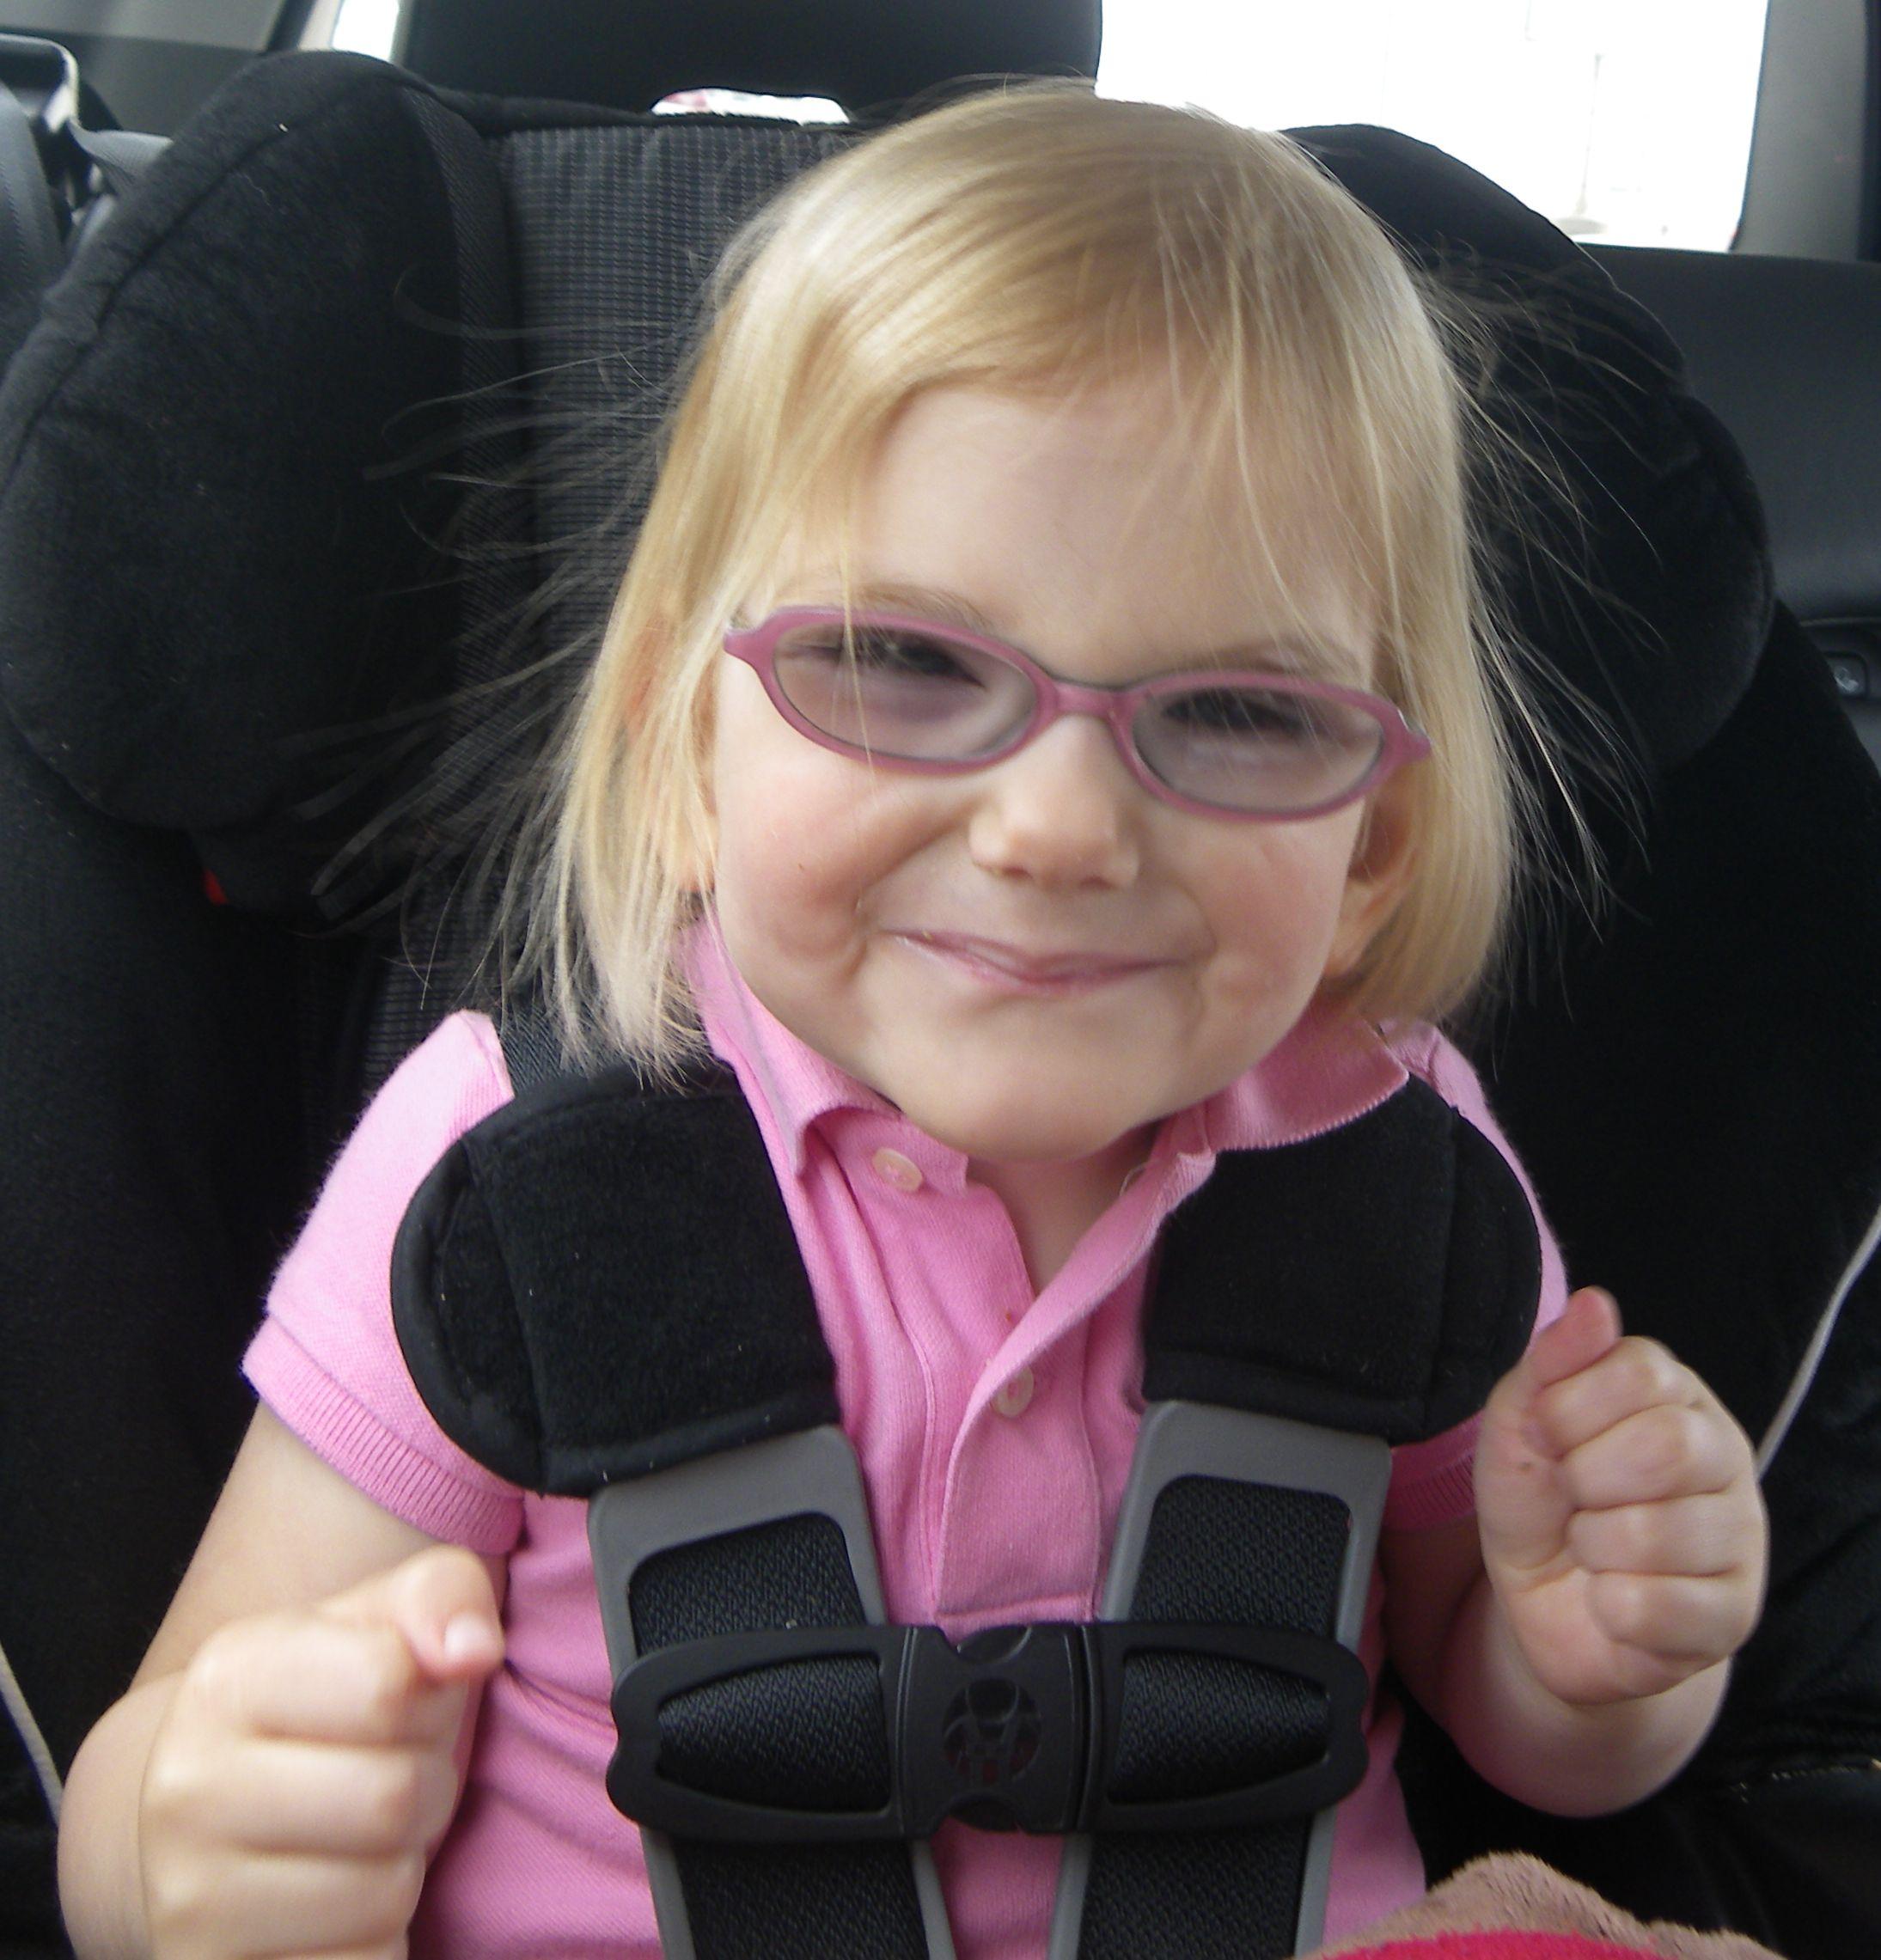 Girls Wearing Glasses Fucking